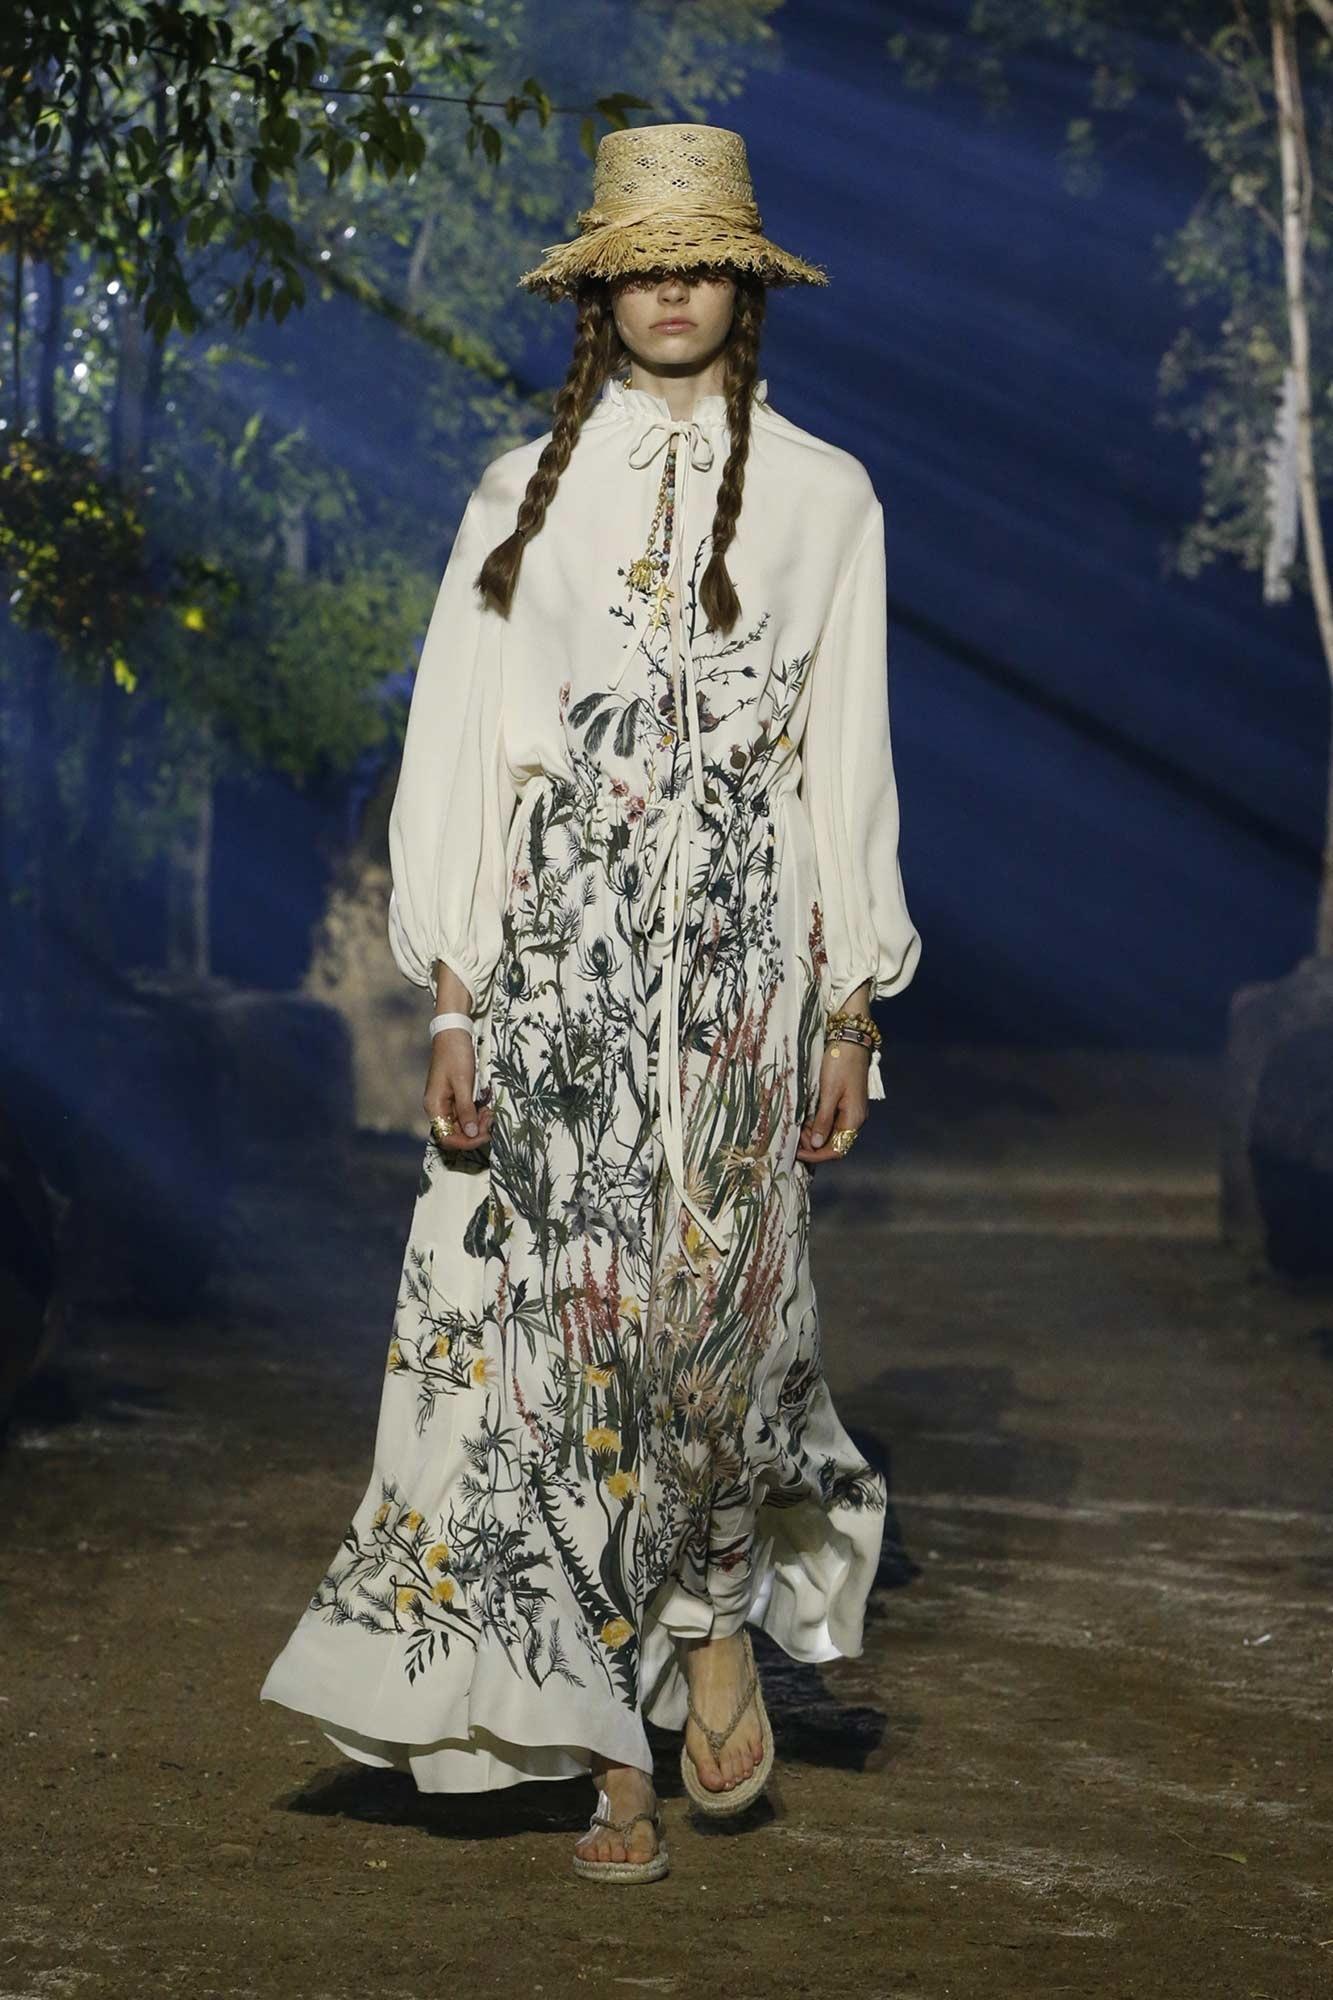 Phong cách thời trang Cottagecore xuất hiện trên sàn diễn của Christian Dior